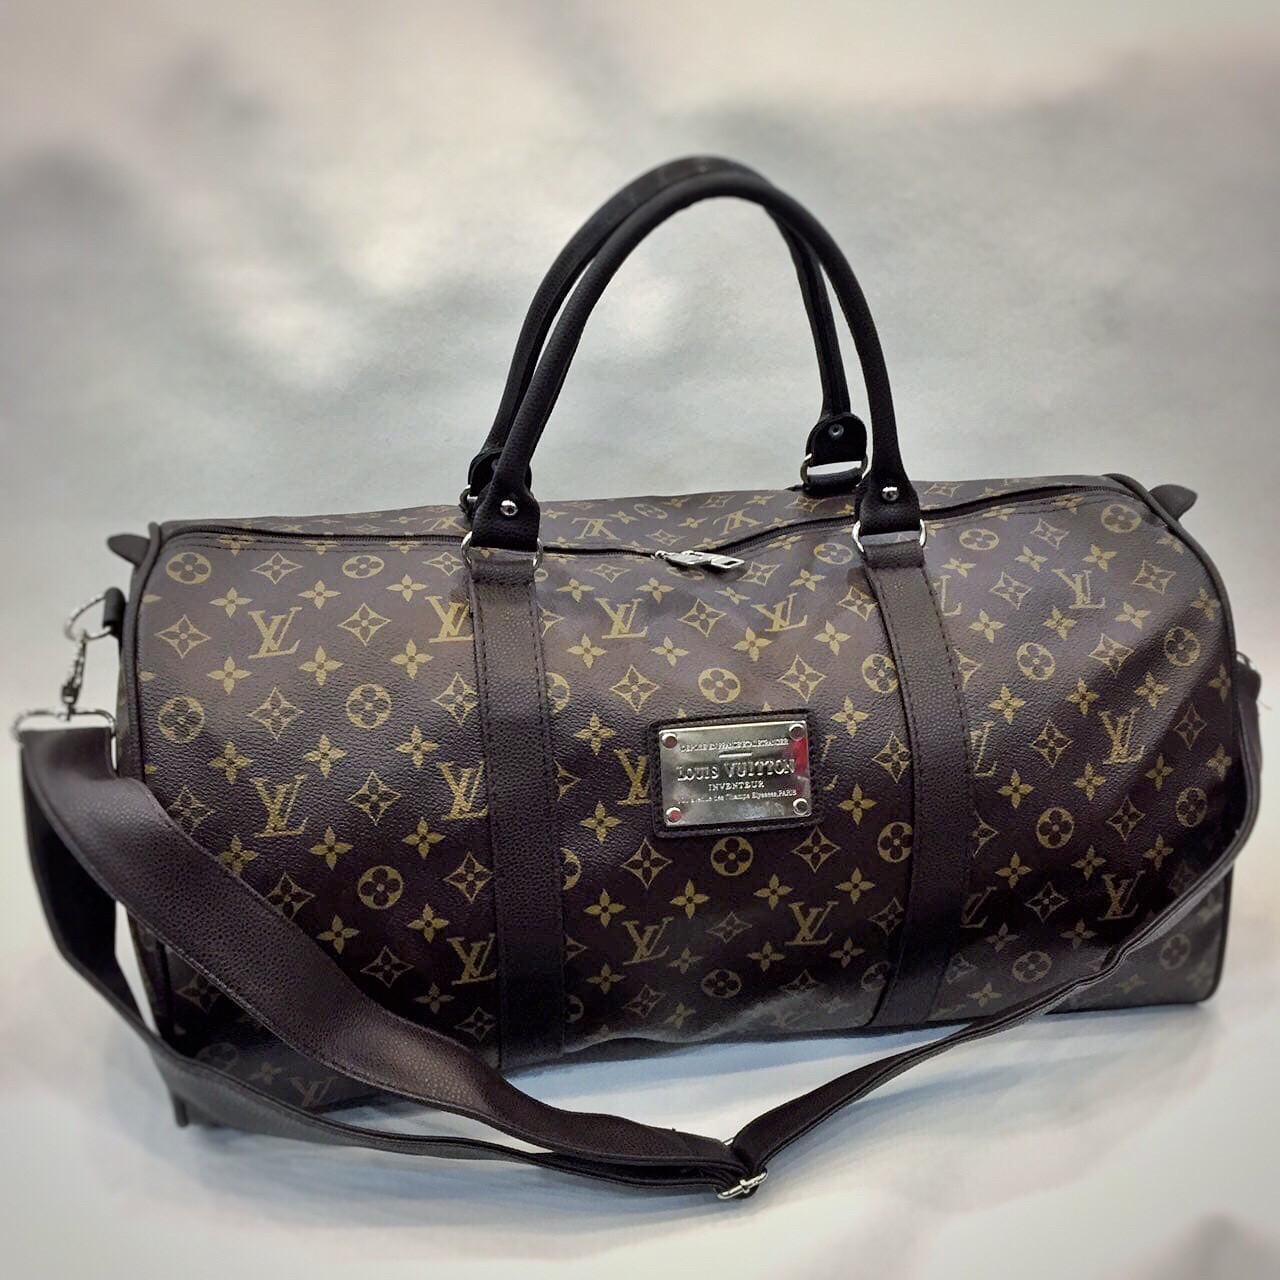 Дорожная Сумка ручная кладь Louis Vuitton LV  Vintage (реплика)